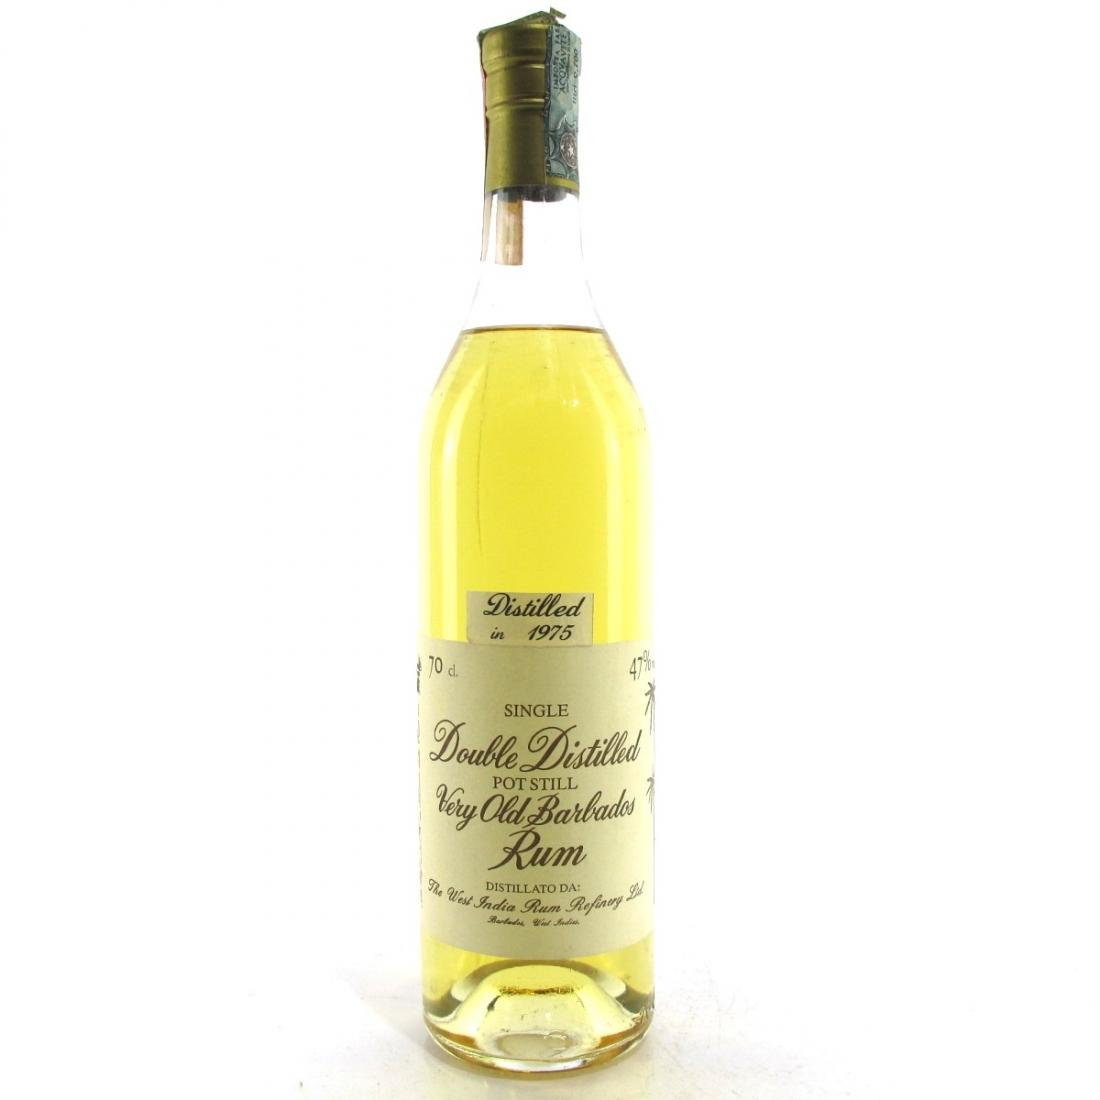 West India Rum Refinery 1975 Barbados Rum